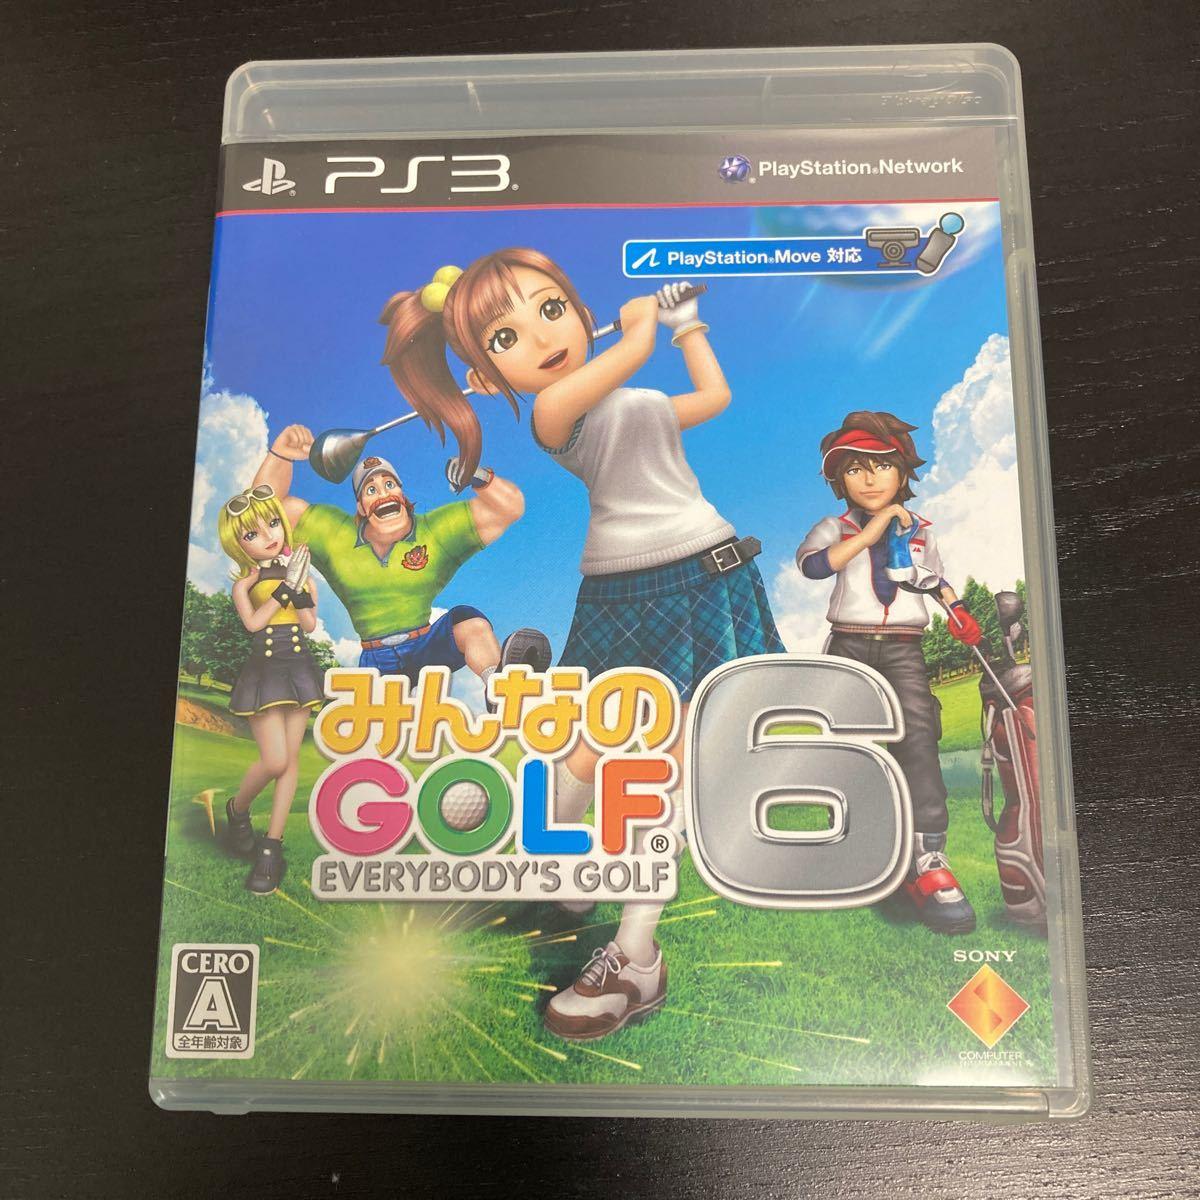 みんなのゴルフ6 みんなのGOLF 6 みんなのGOLF PS3 PS3ソフト みんゴル6